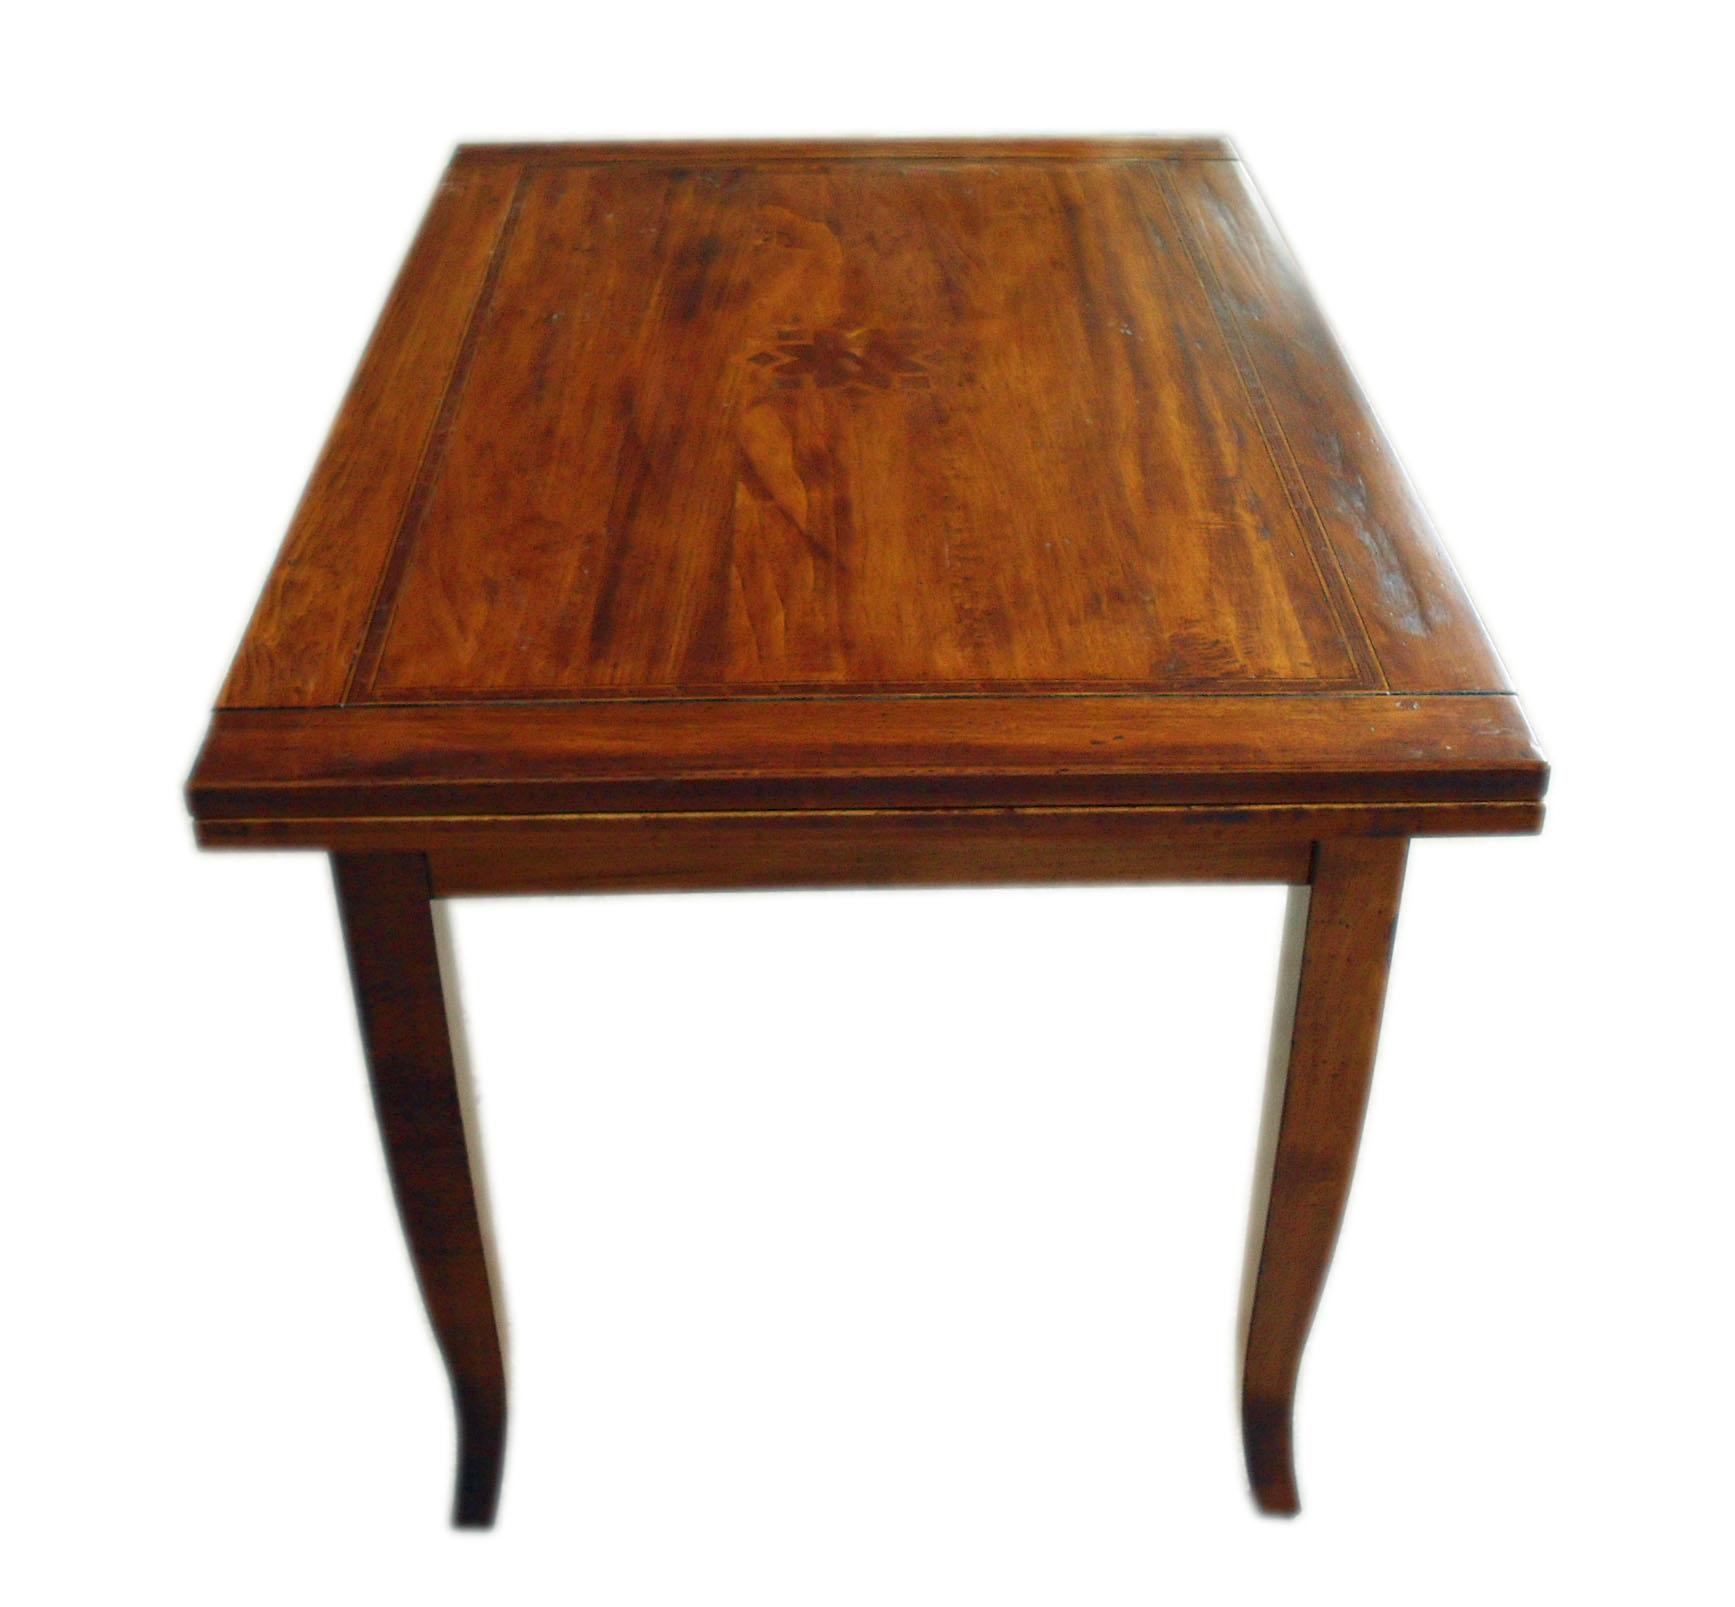 Tavolo allungabile arte povera anticato intarsio - La Commode di Davide Corno